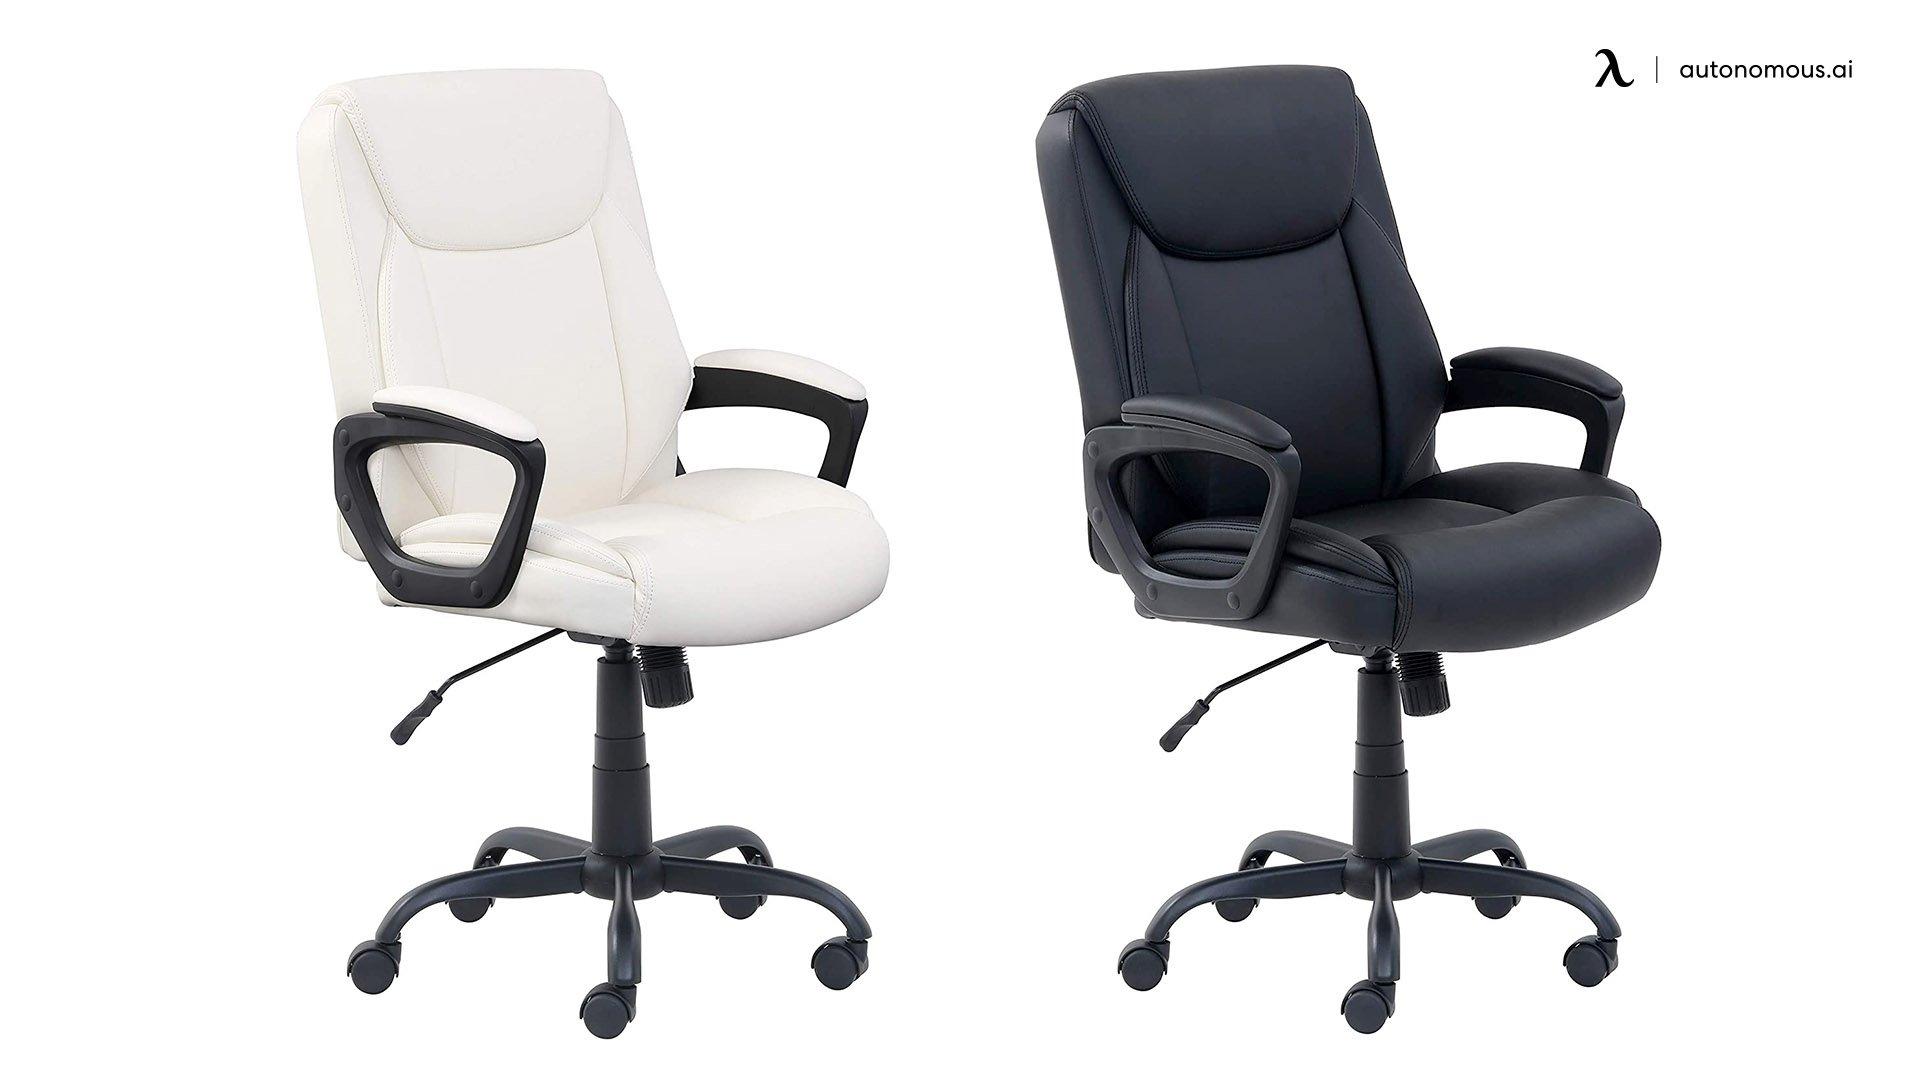 AmazonBasics Classic Puresoft PU Chair